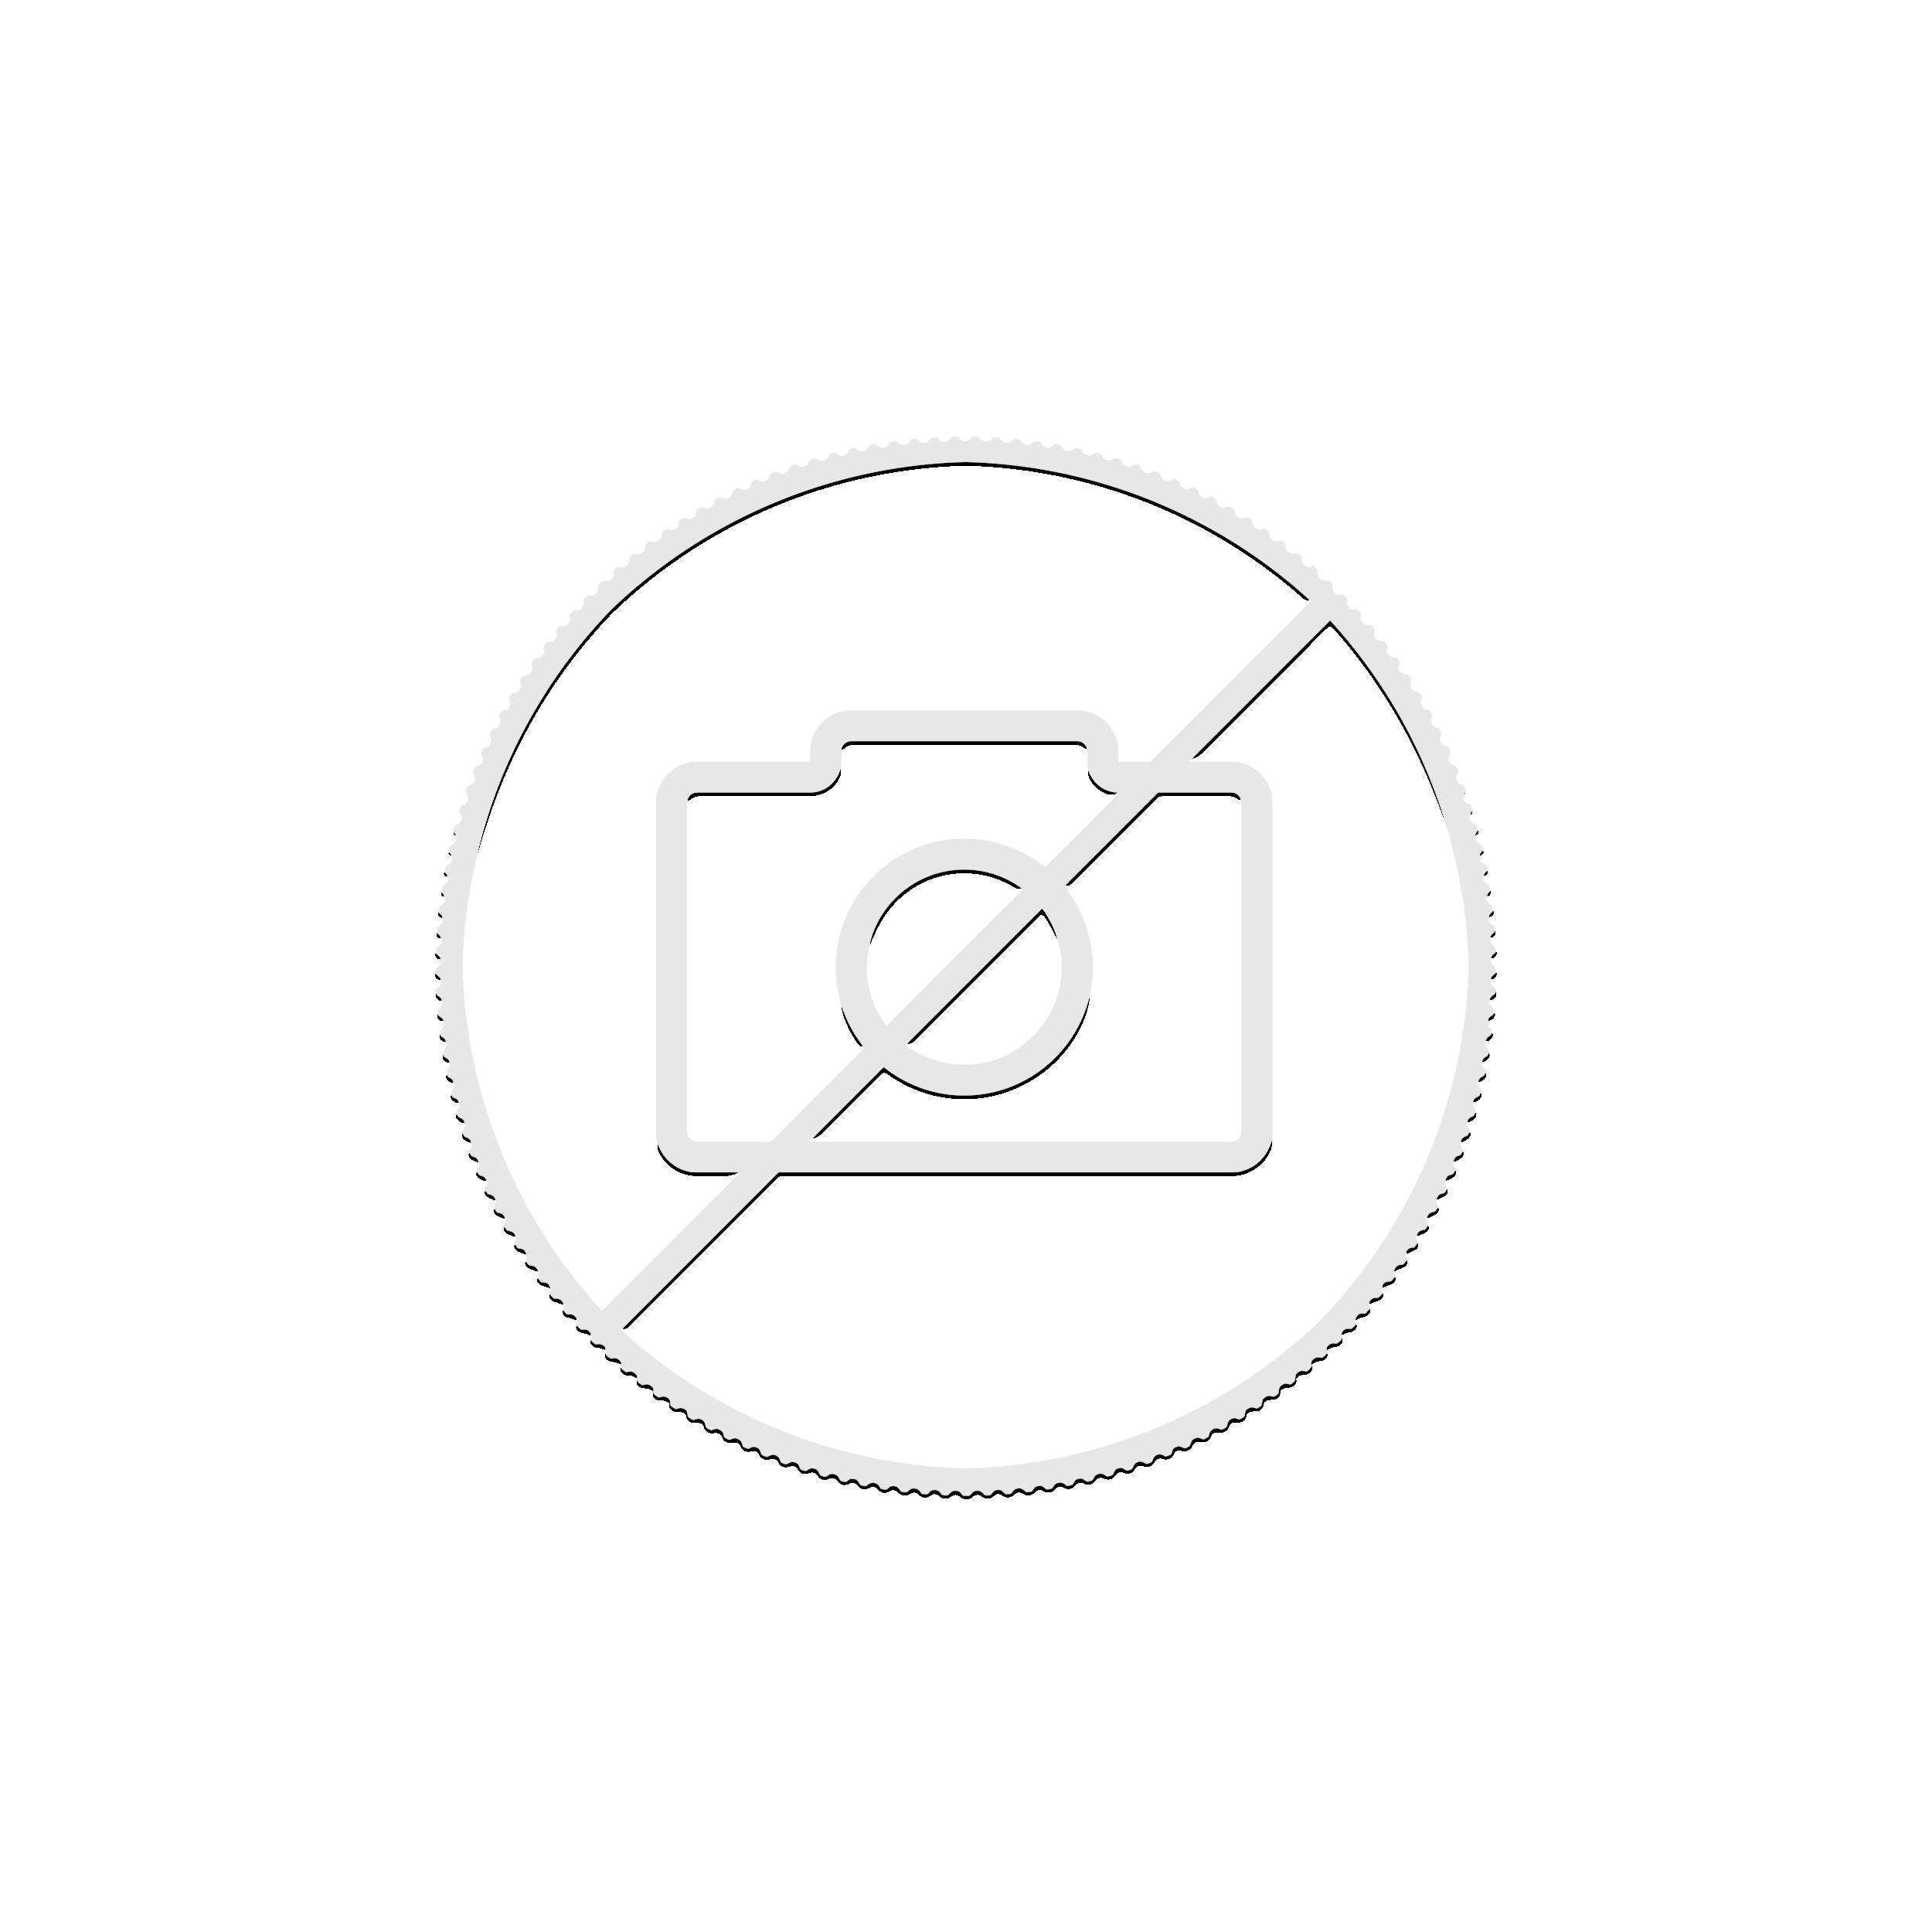 1 troy ounce zilveren Kangaroo munt  2020